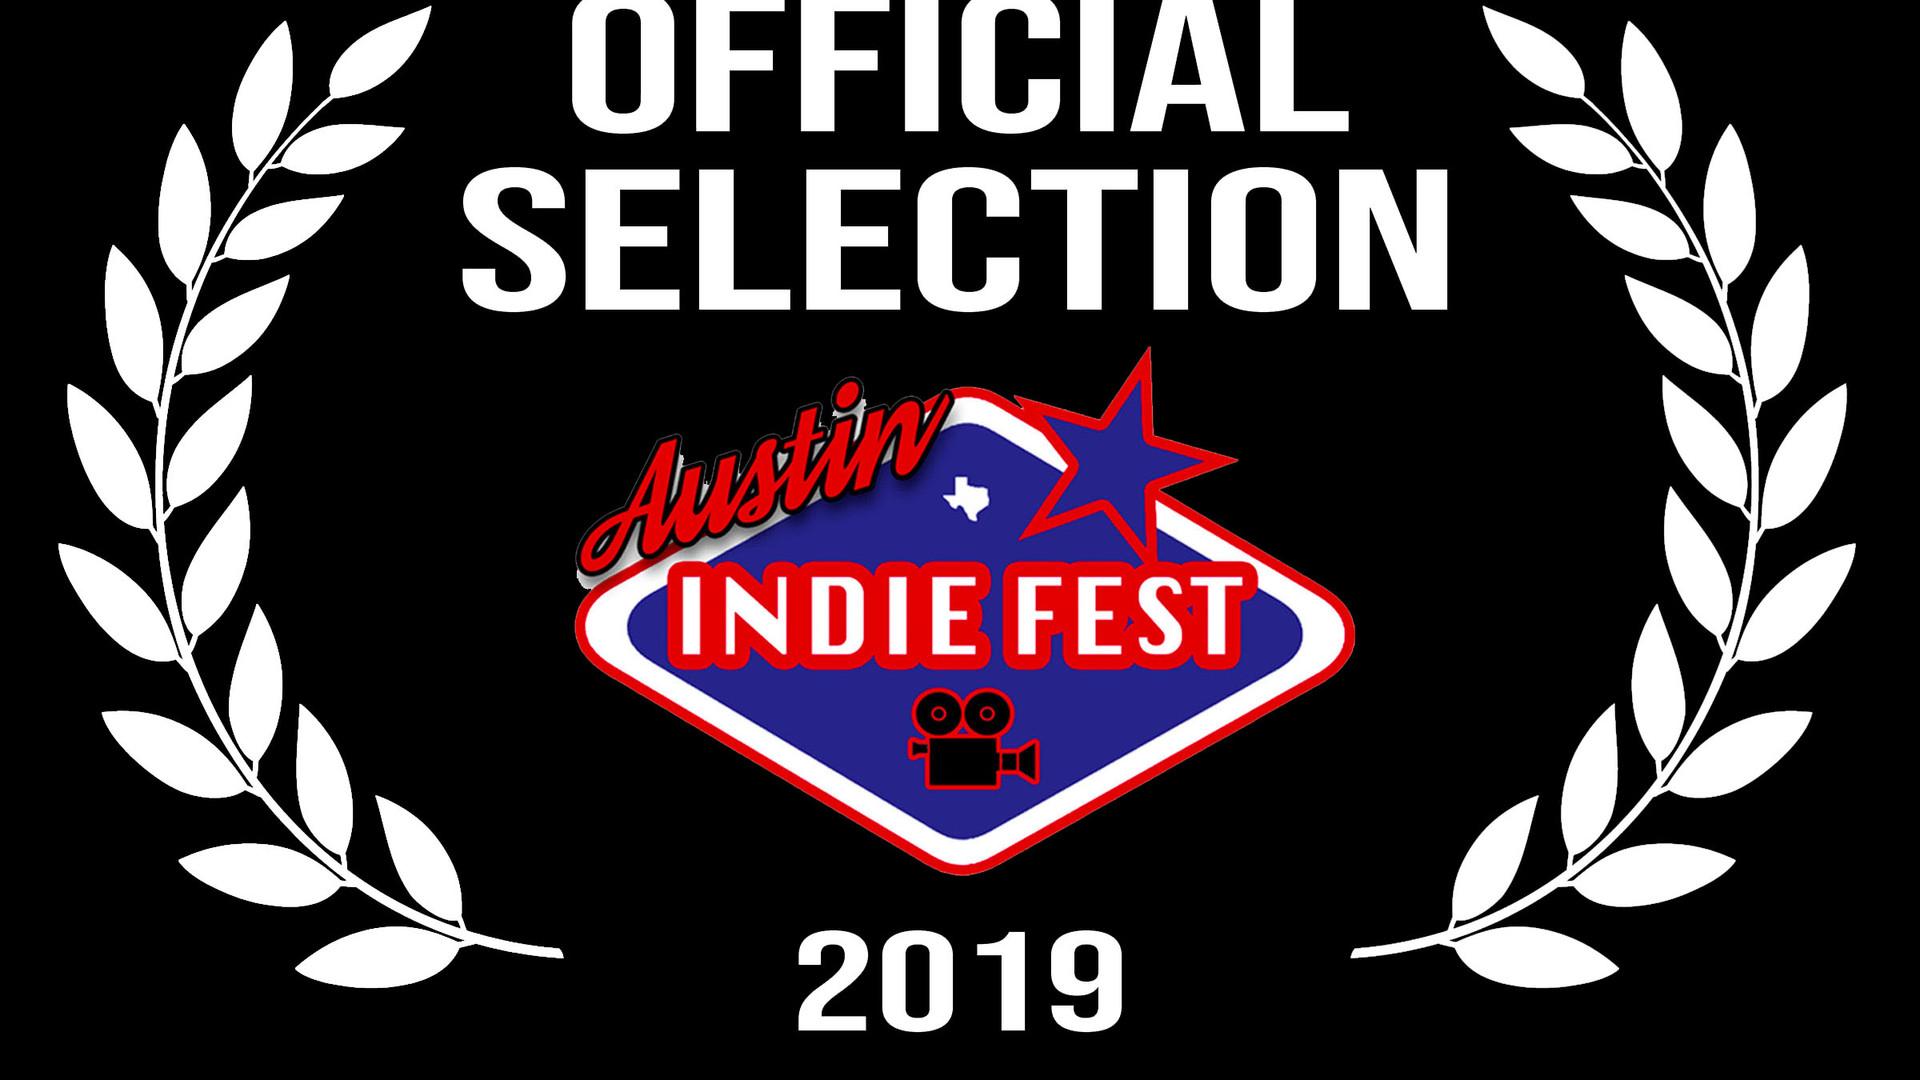 Austin Indie Fest laurel.jpg